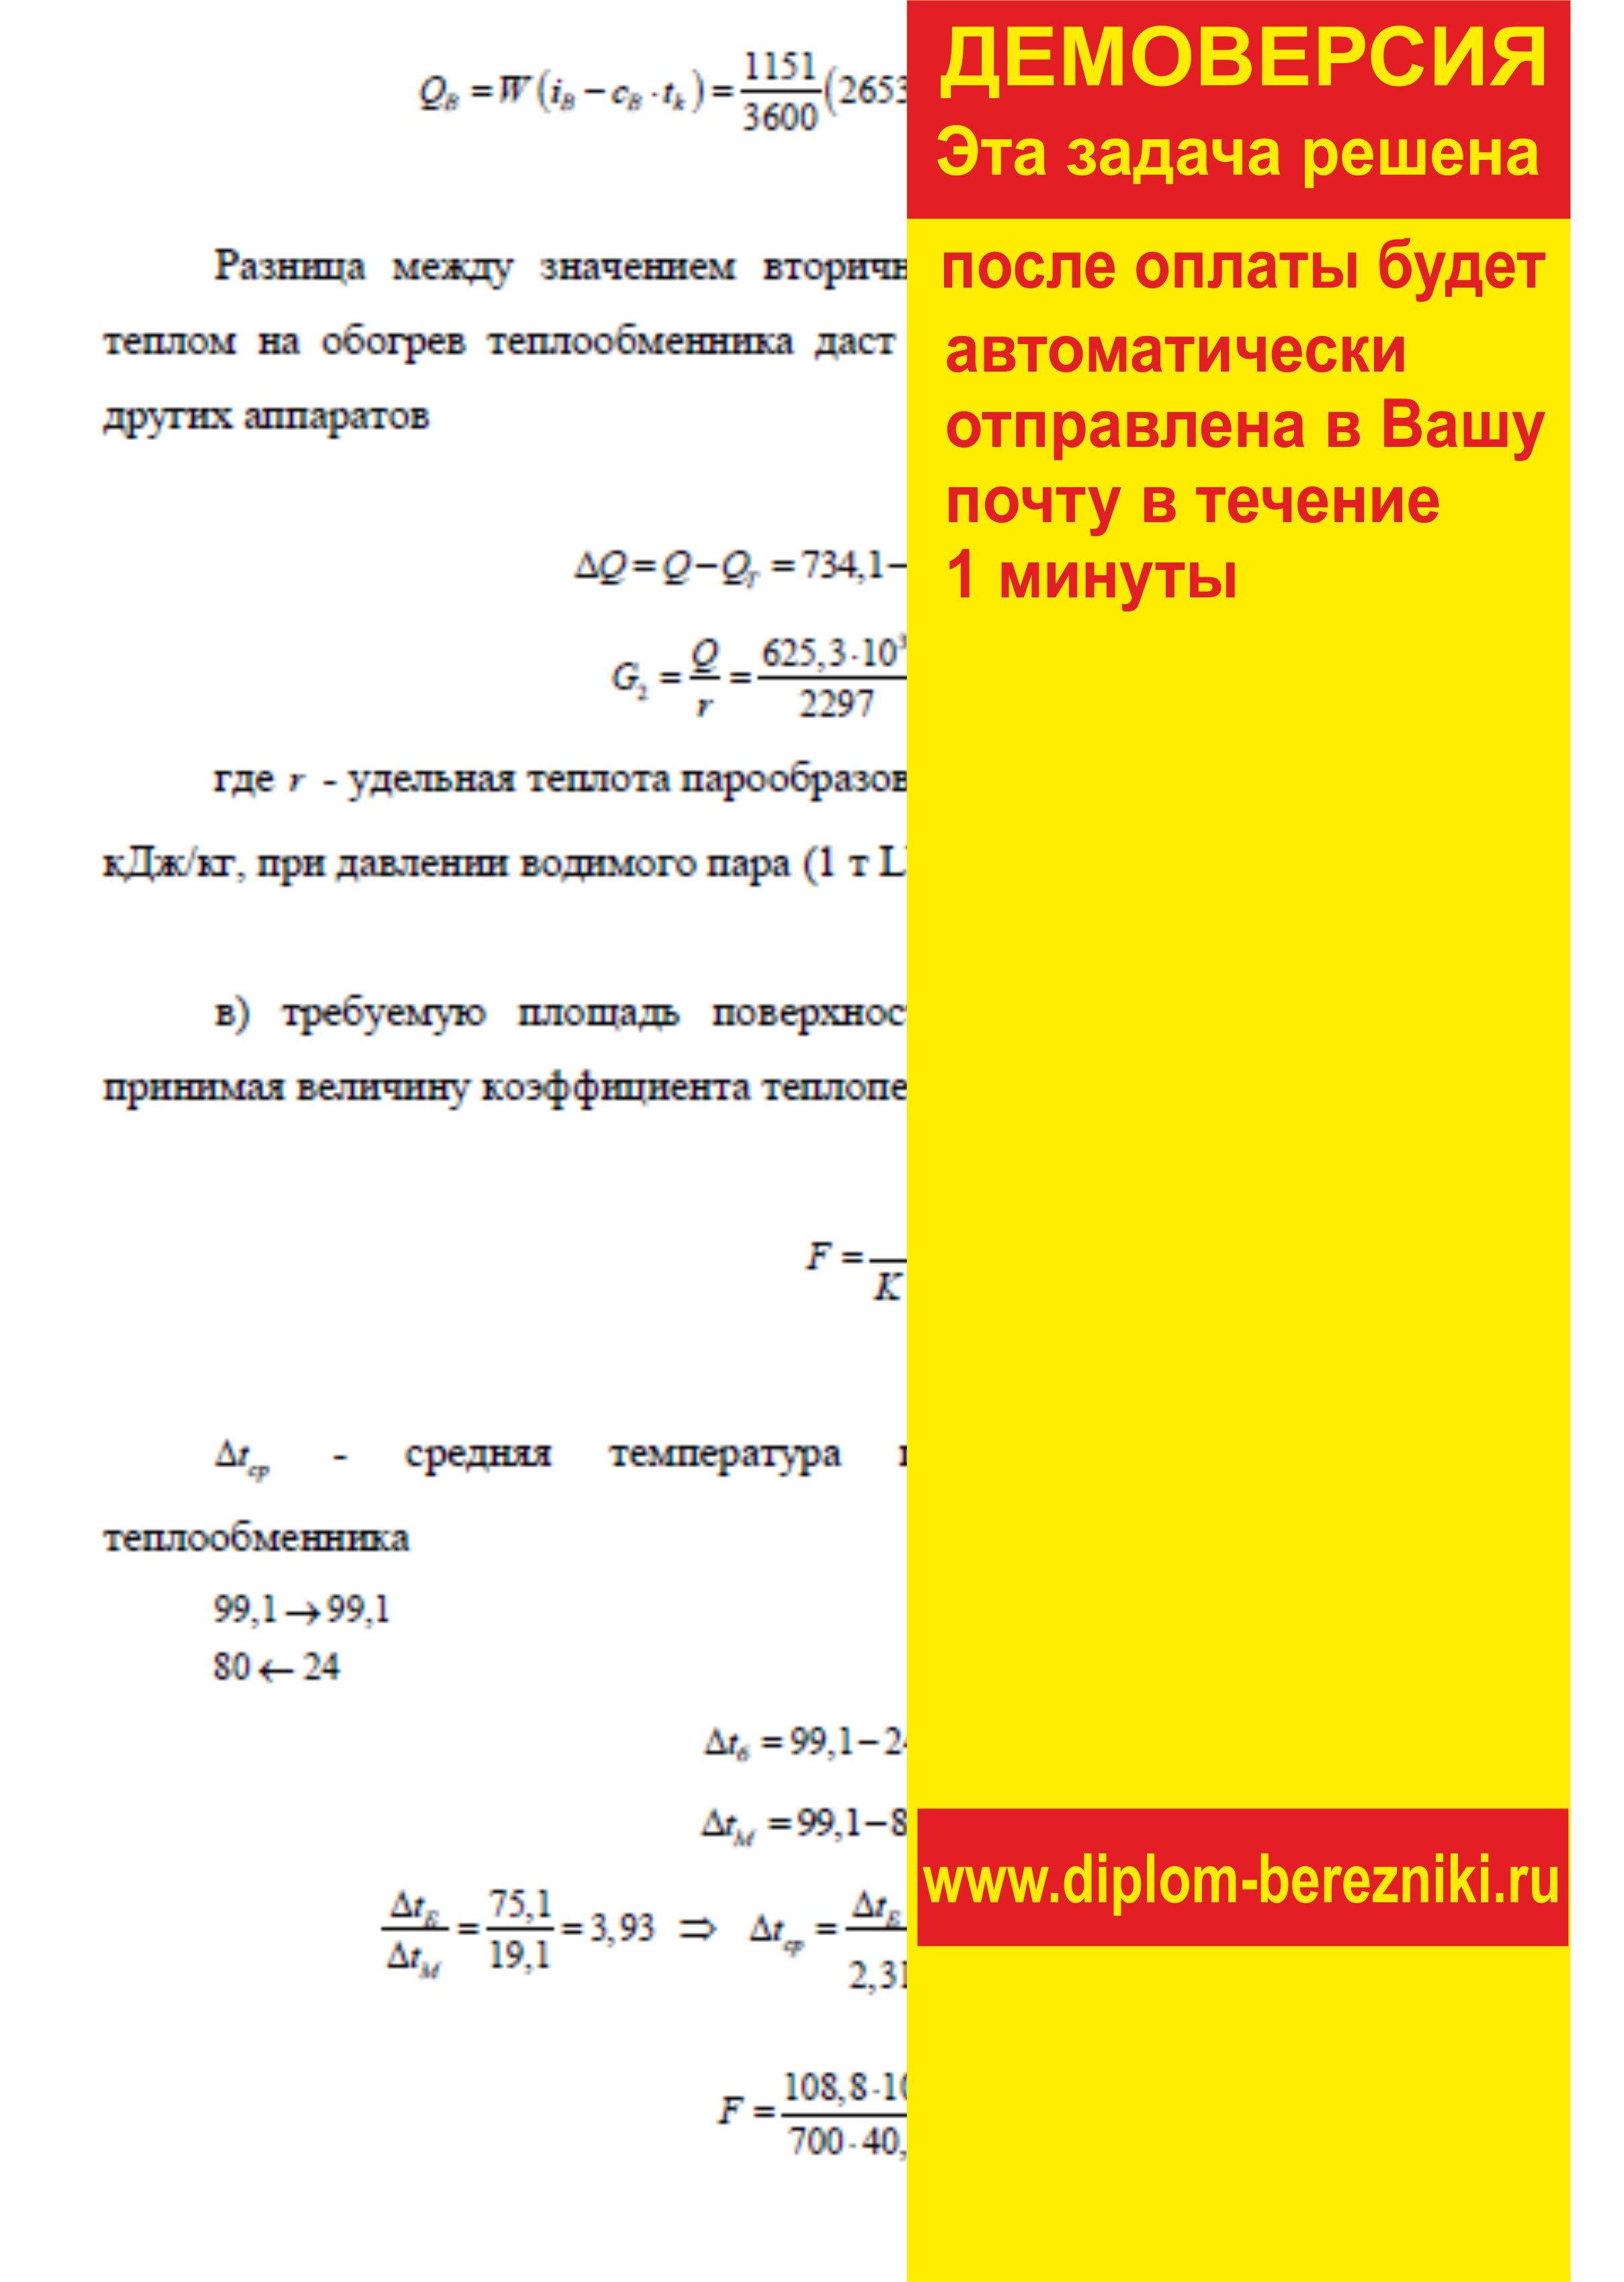 Решение задачи 5.13 по ПАХТ из задачника Павлова Романкова Носкова